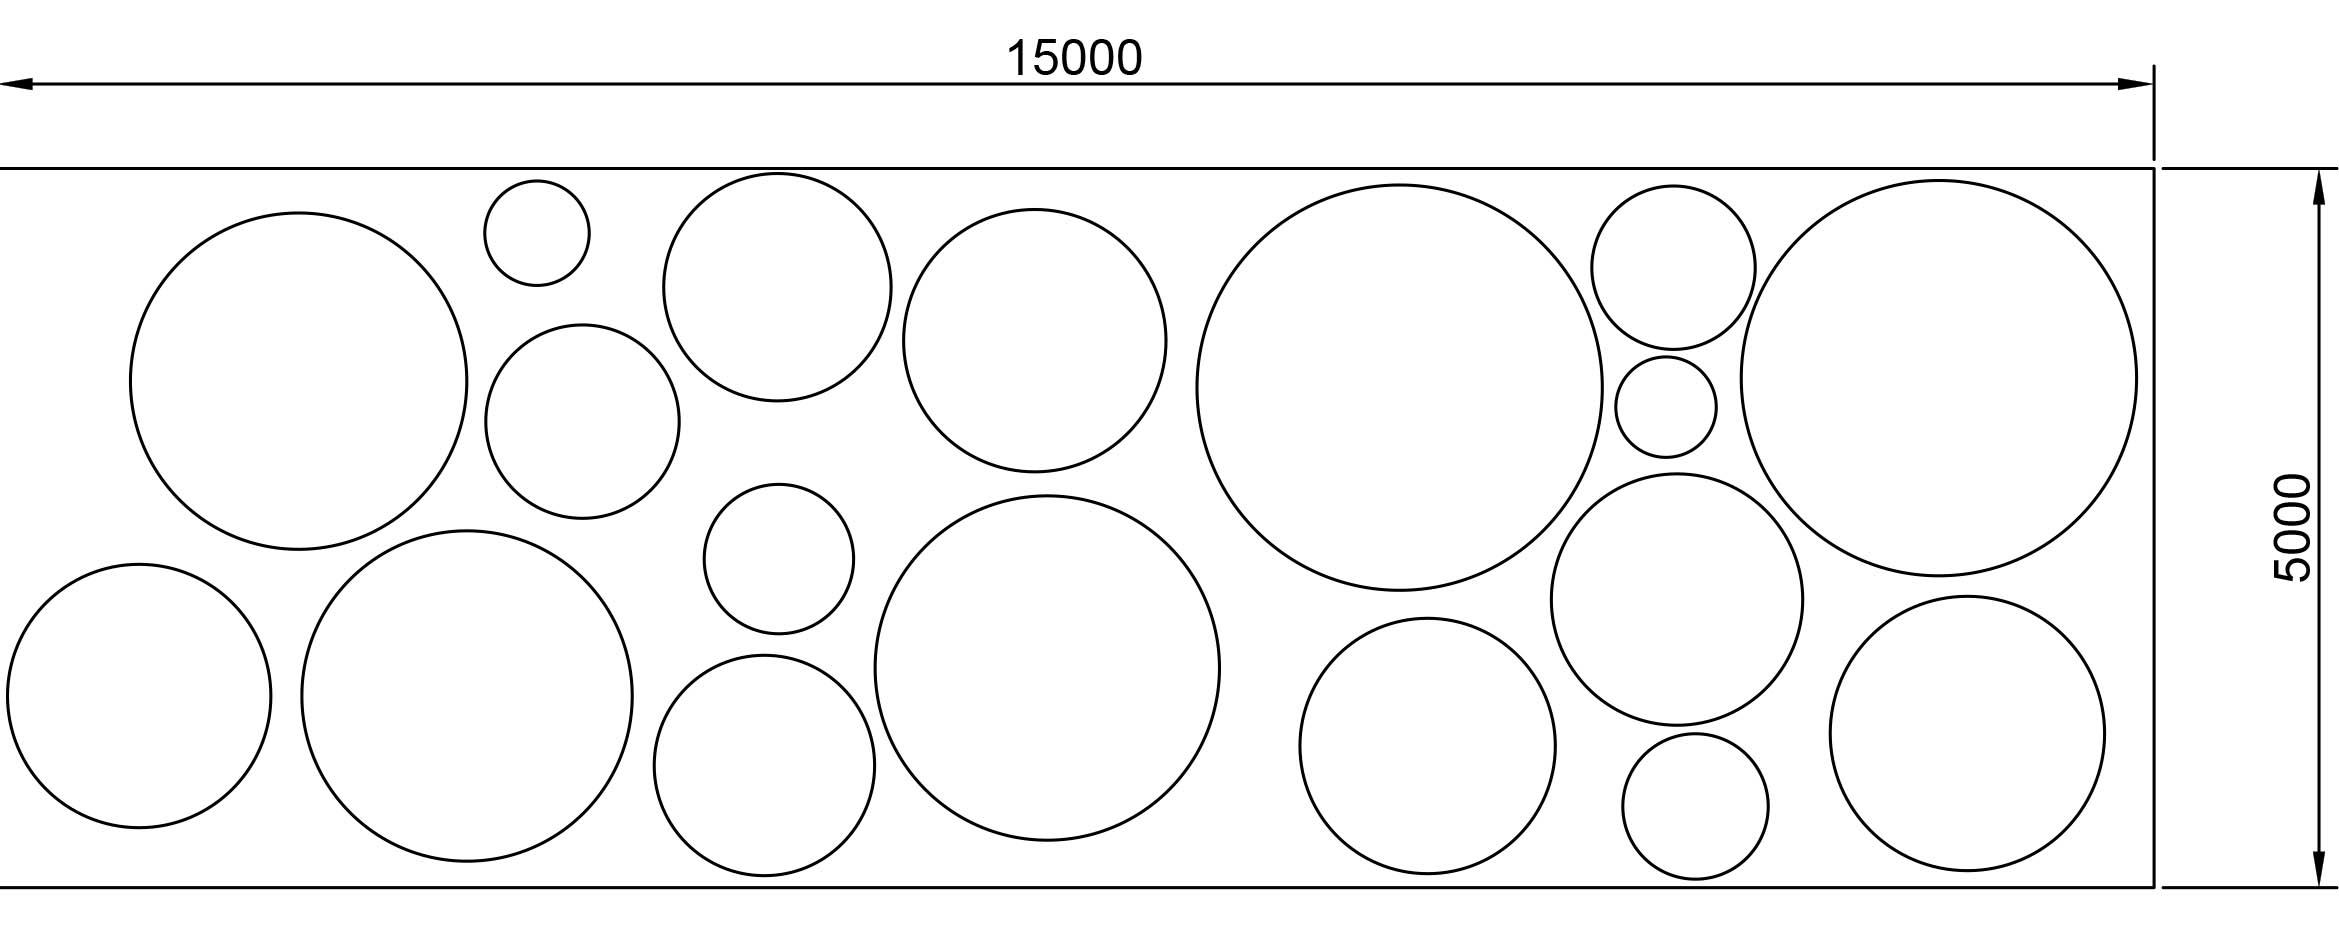 110802_002.jpg